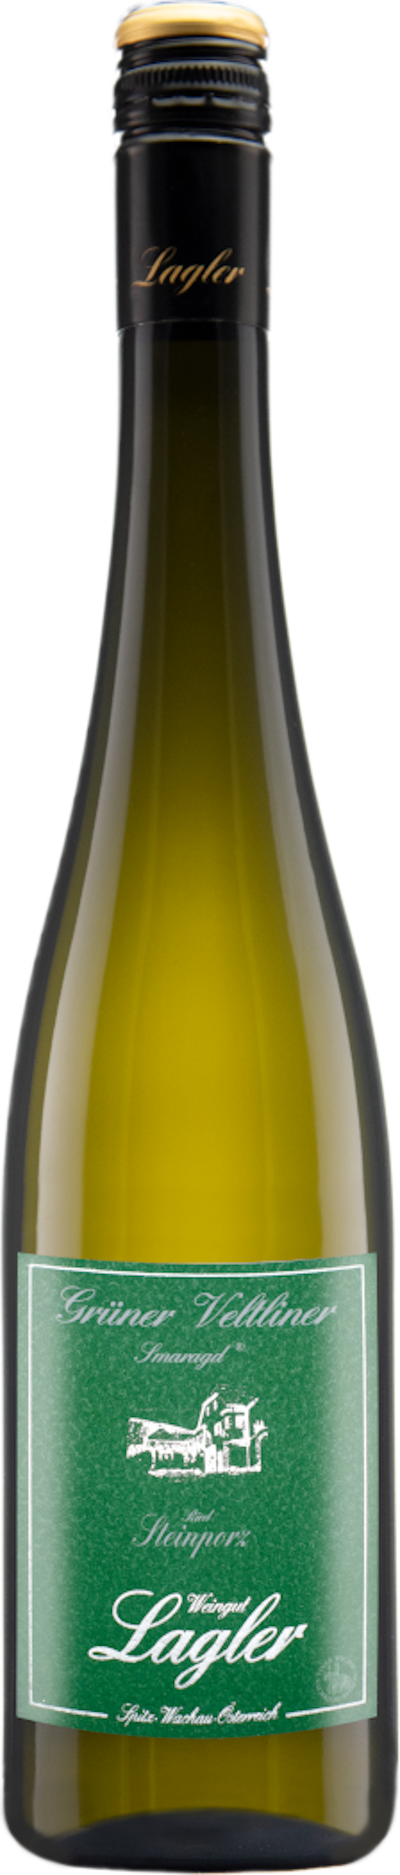 Lagler - Grüner Veltliner Smaragd Steinporz